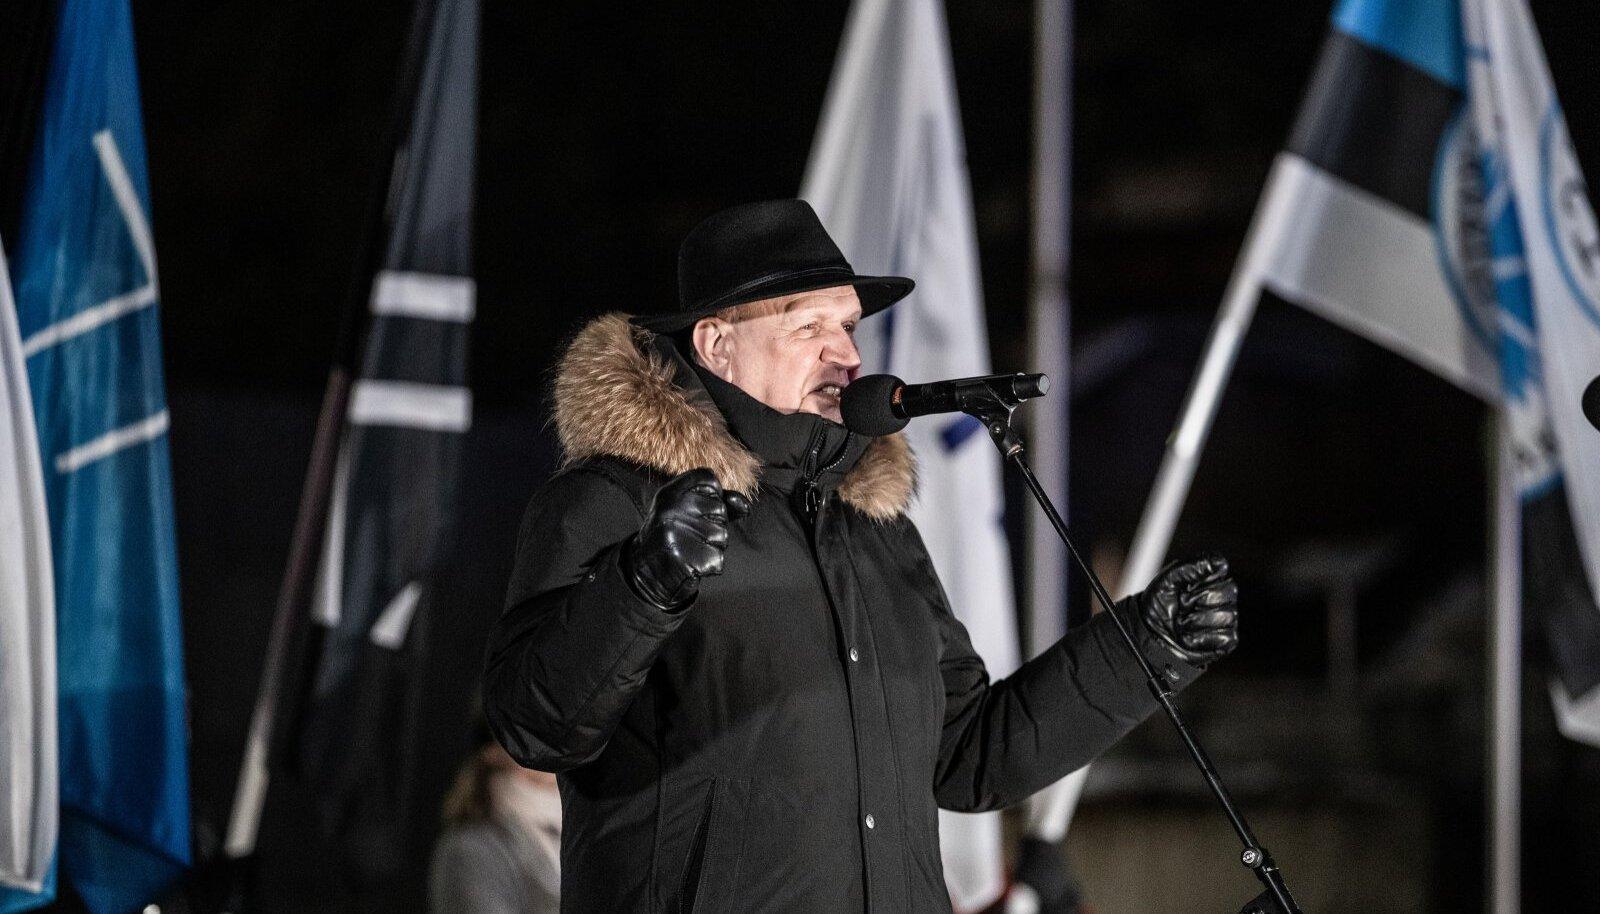 Март Хельме на факельном шествии